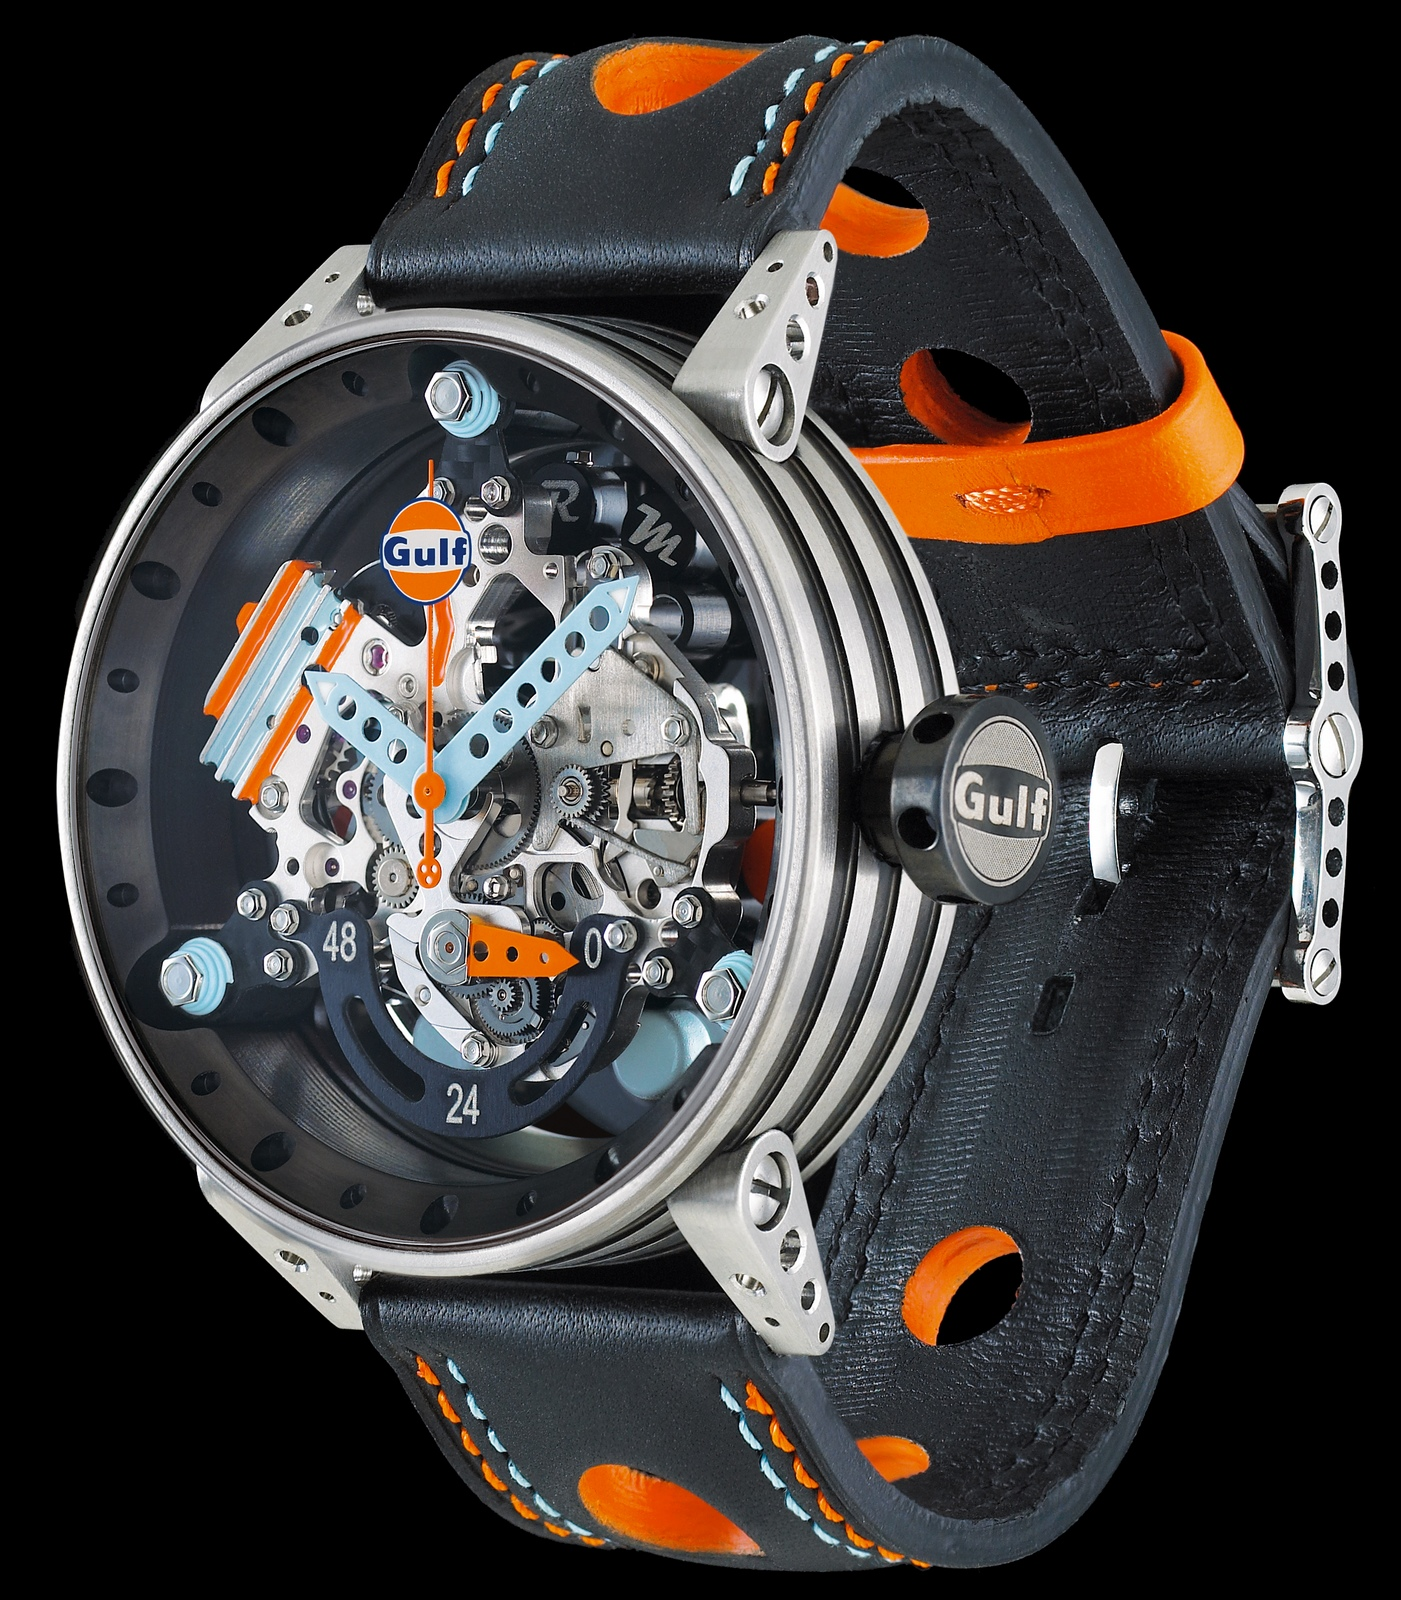 j 39 aime les montres la montre du jour brm r 50 gulf. Black Bedroom Furniture Sets. Home Design Ideas